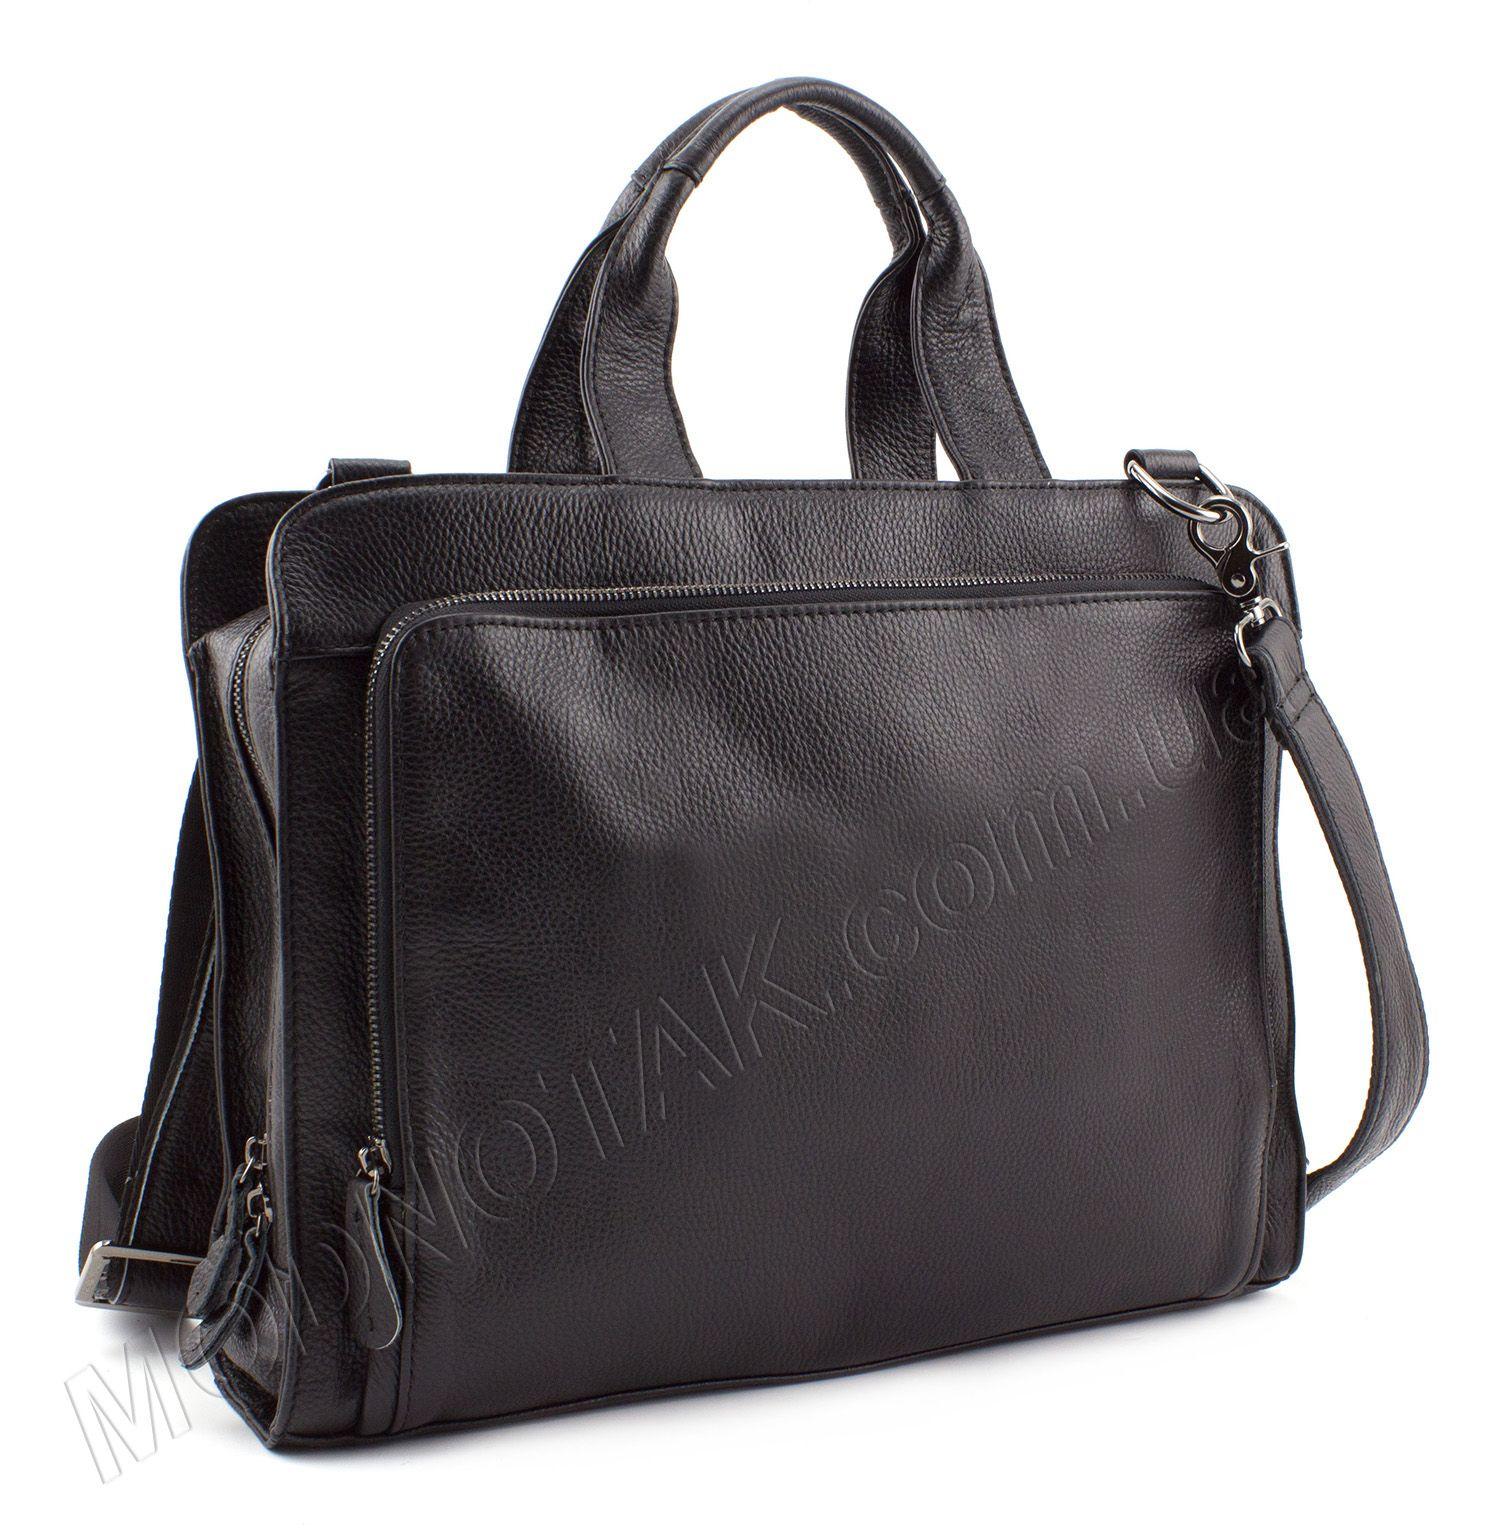 2bfb2344b13b Деловая кожаная сумка для документов и Macbook air 13 - KLEVENT (10126)